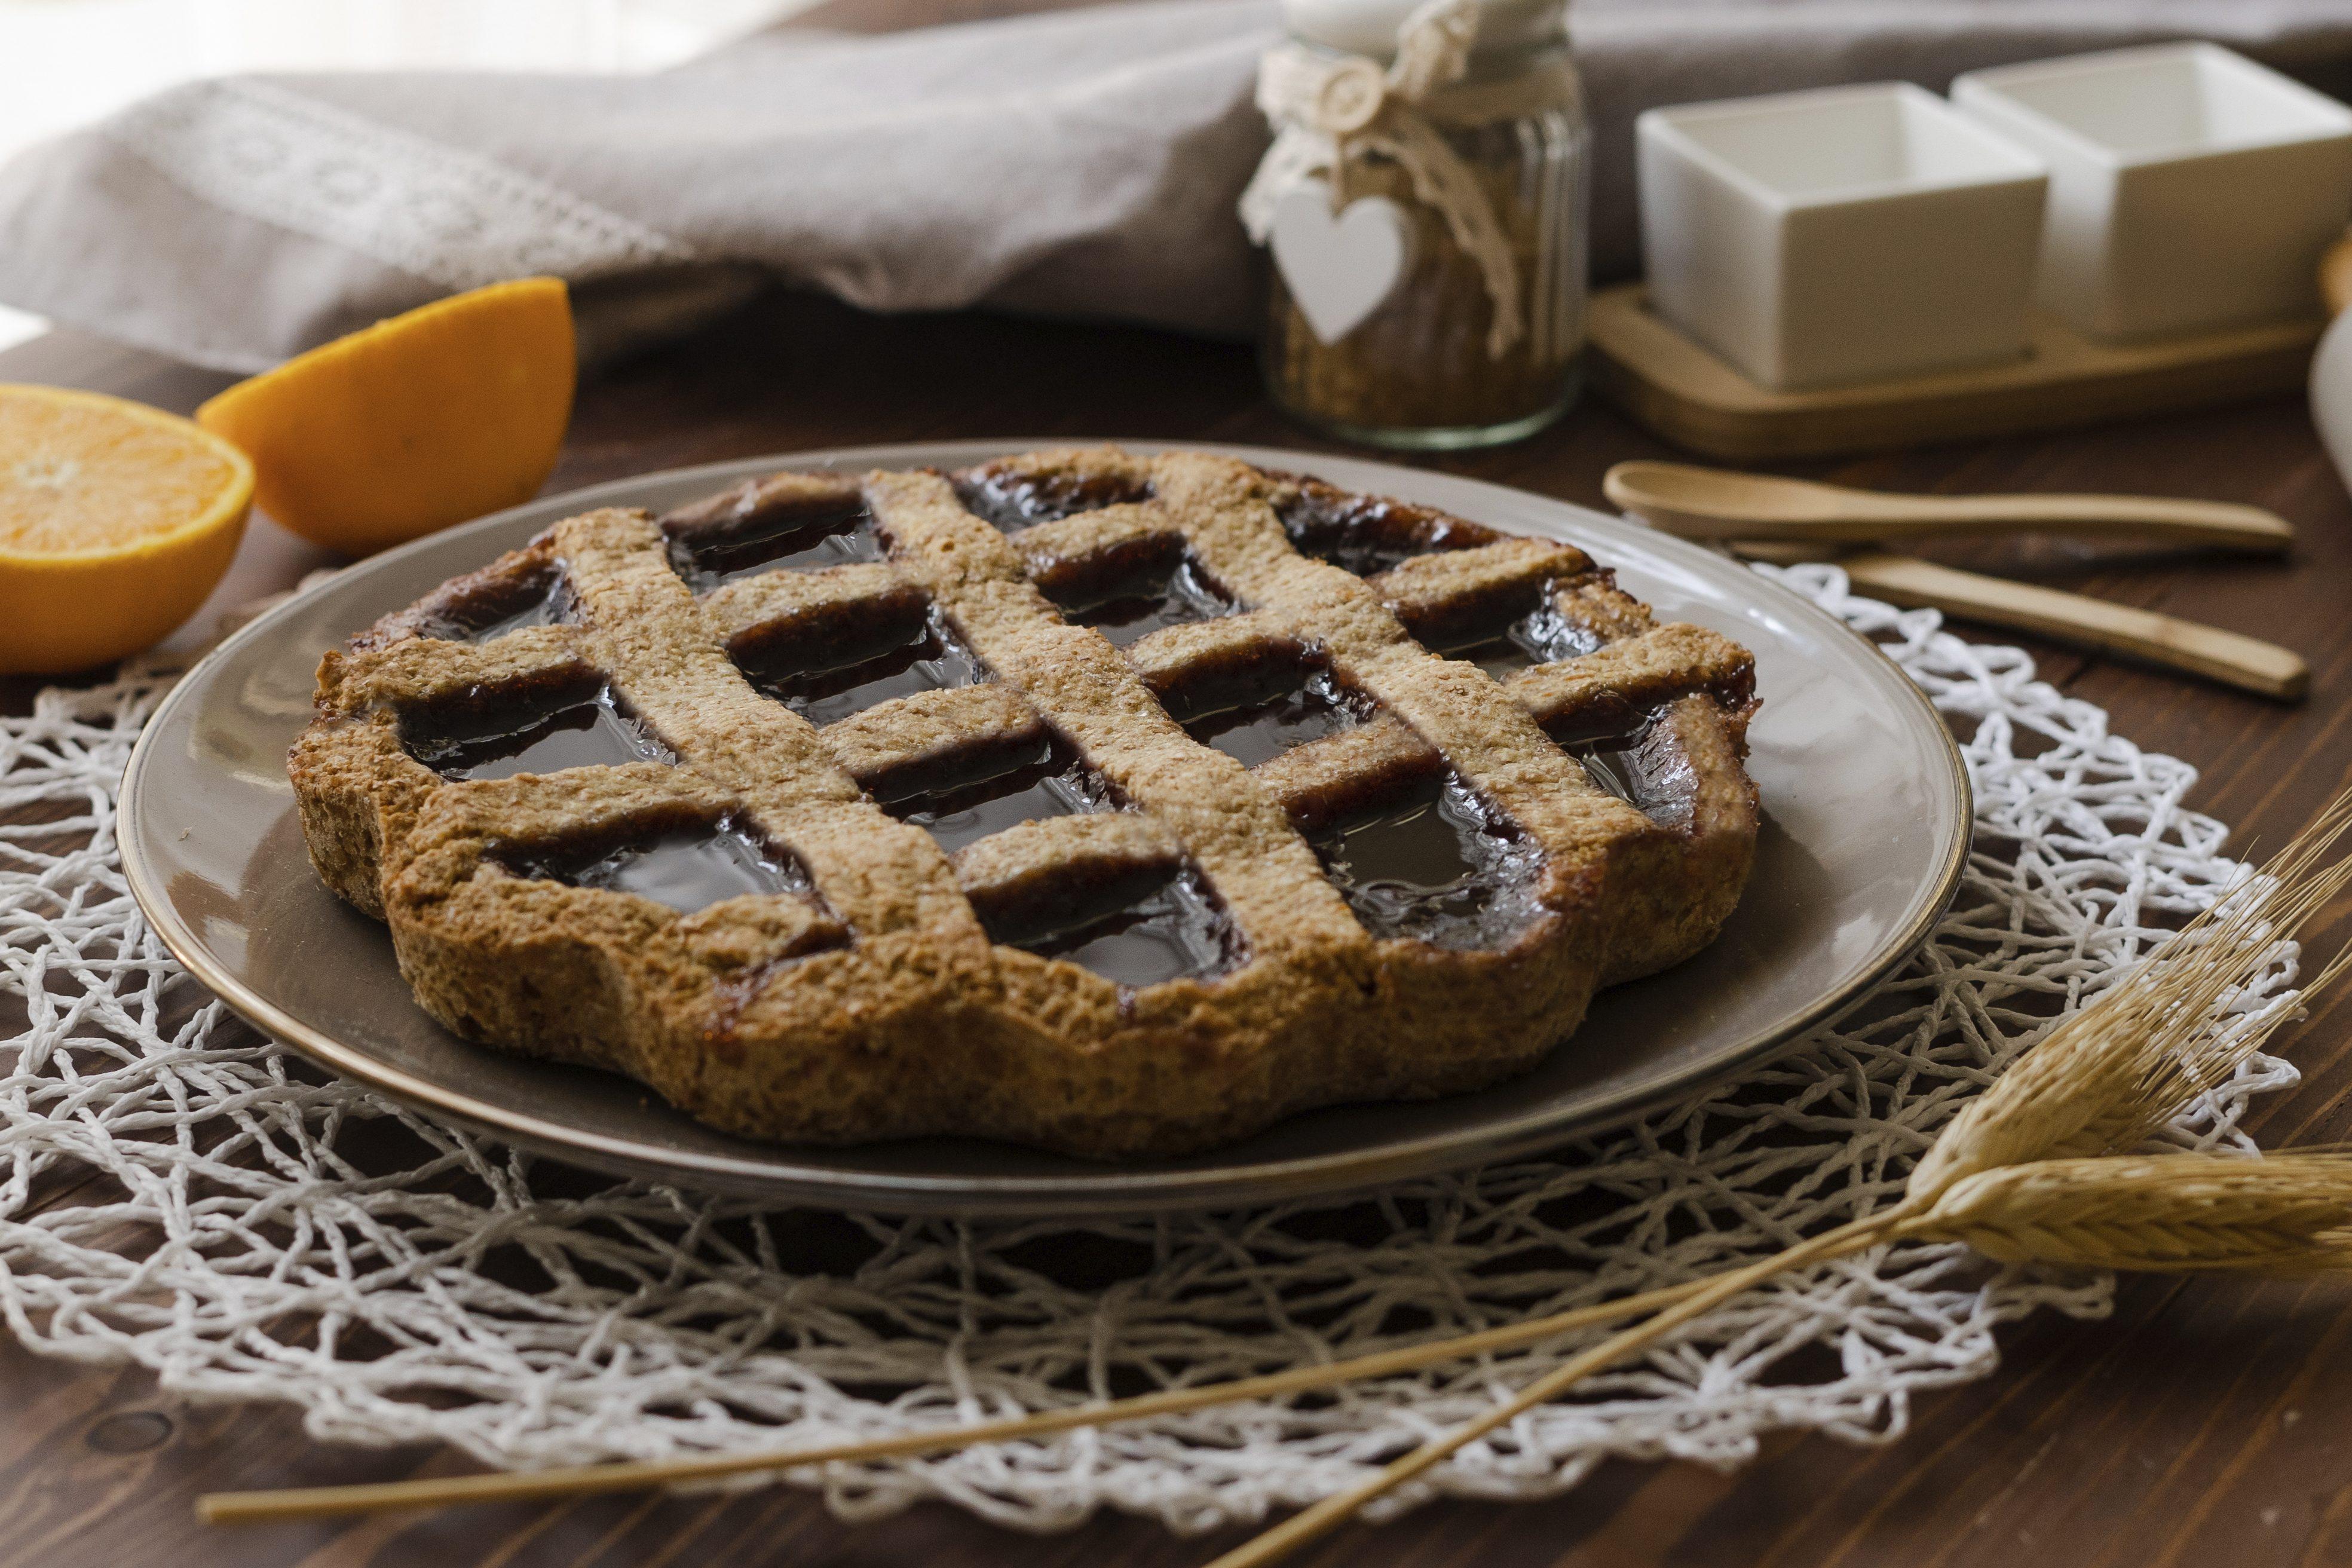 Crostata integrale alle ciliegie: la ricetta della crostata golosa e leggera